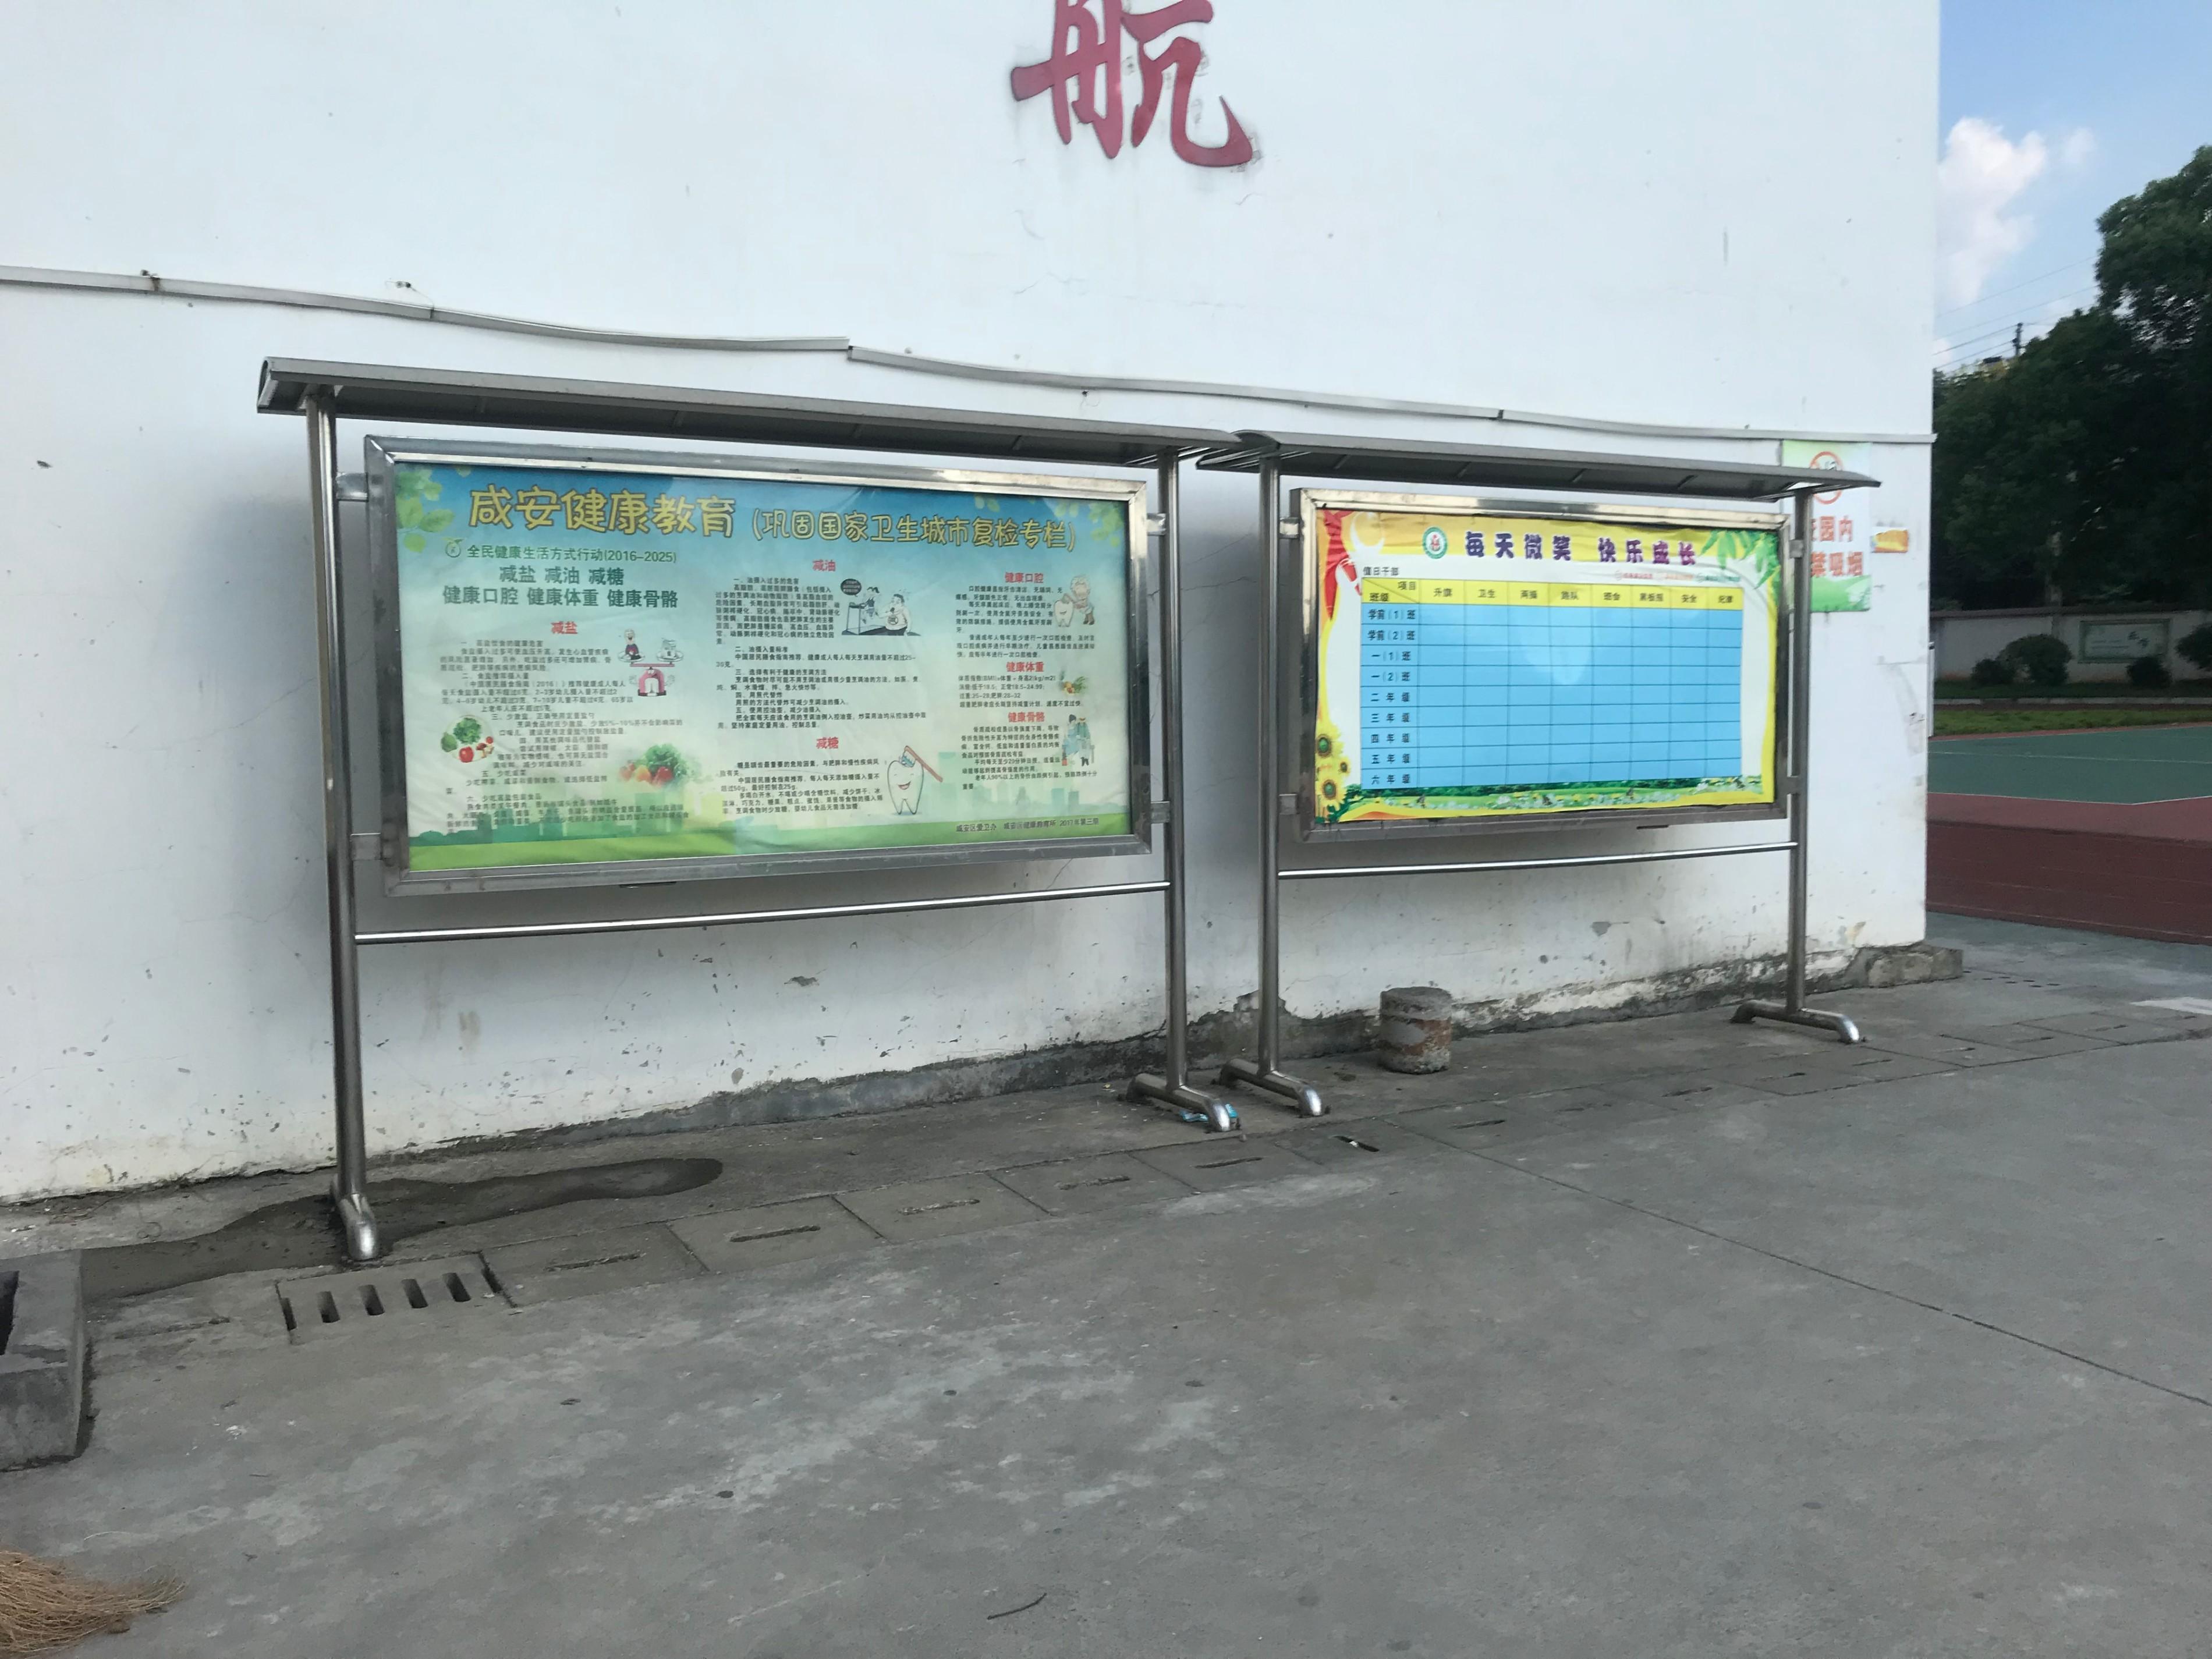 第十四小学校园文化建设